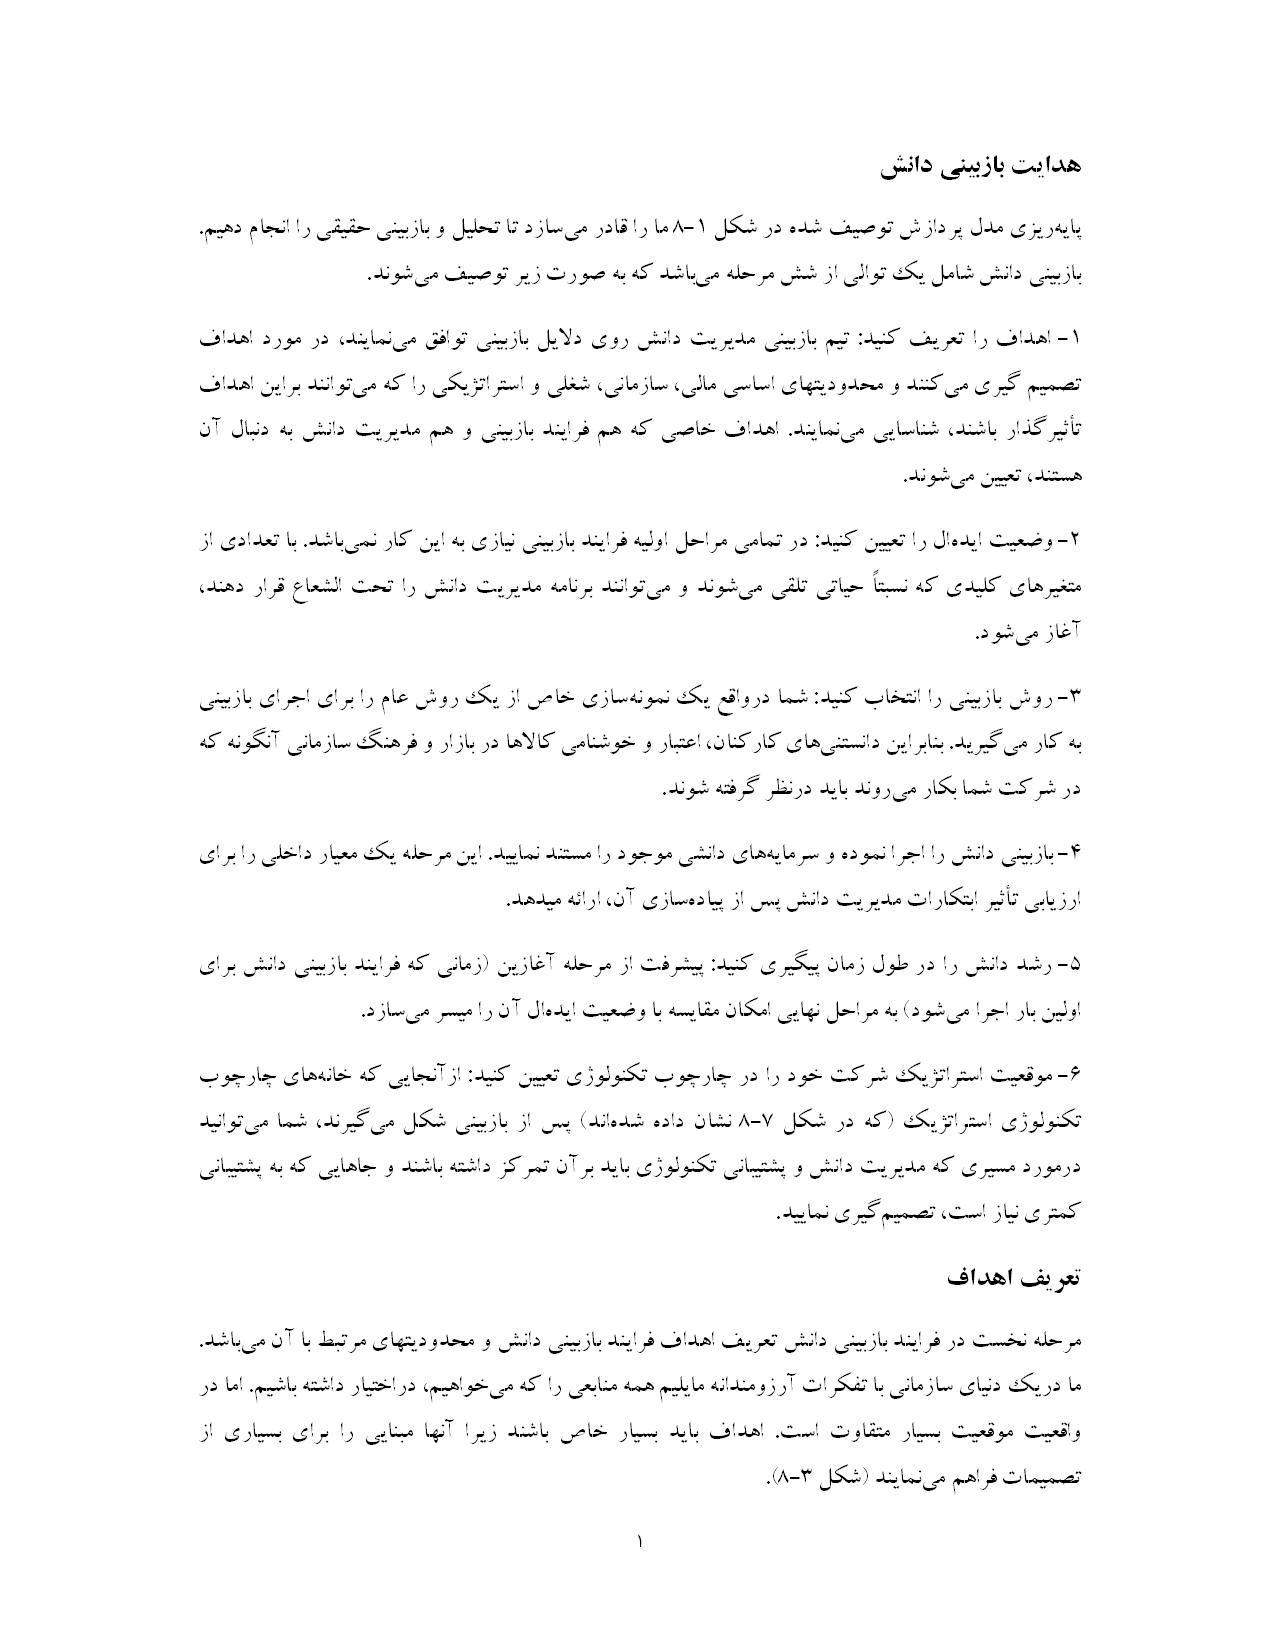 ترجمه مقاله و تحقیق - هدایت بازبینی دانش